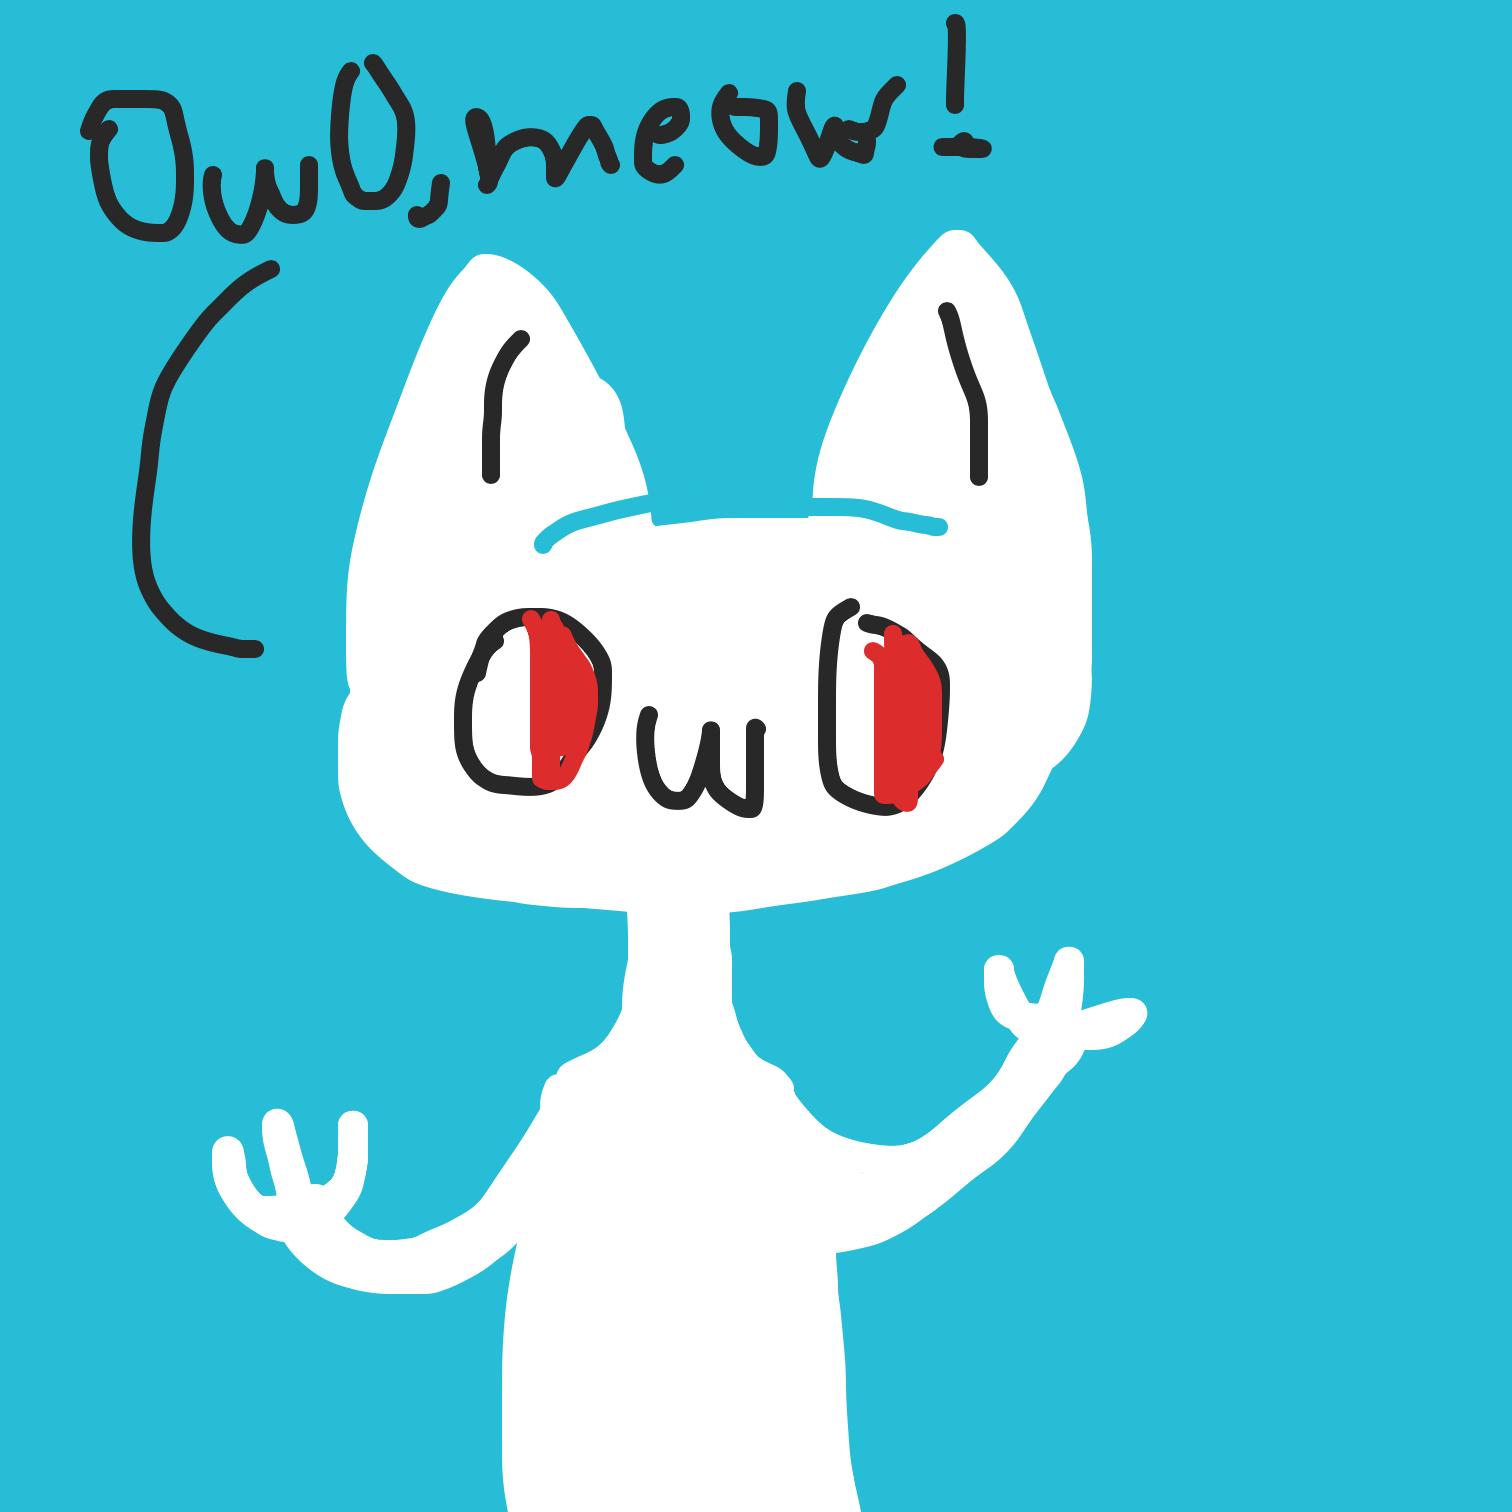 Drawing in Weirdo by LizardPie34